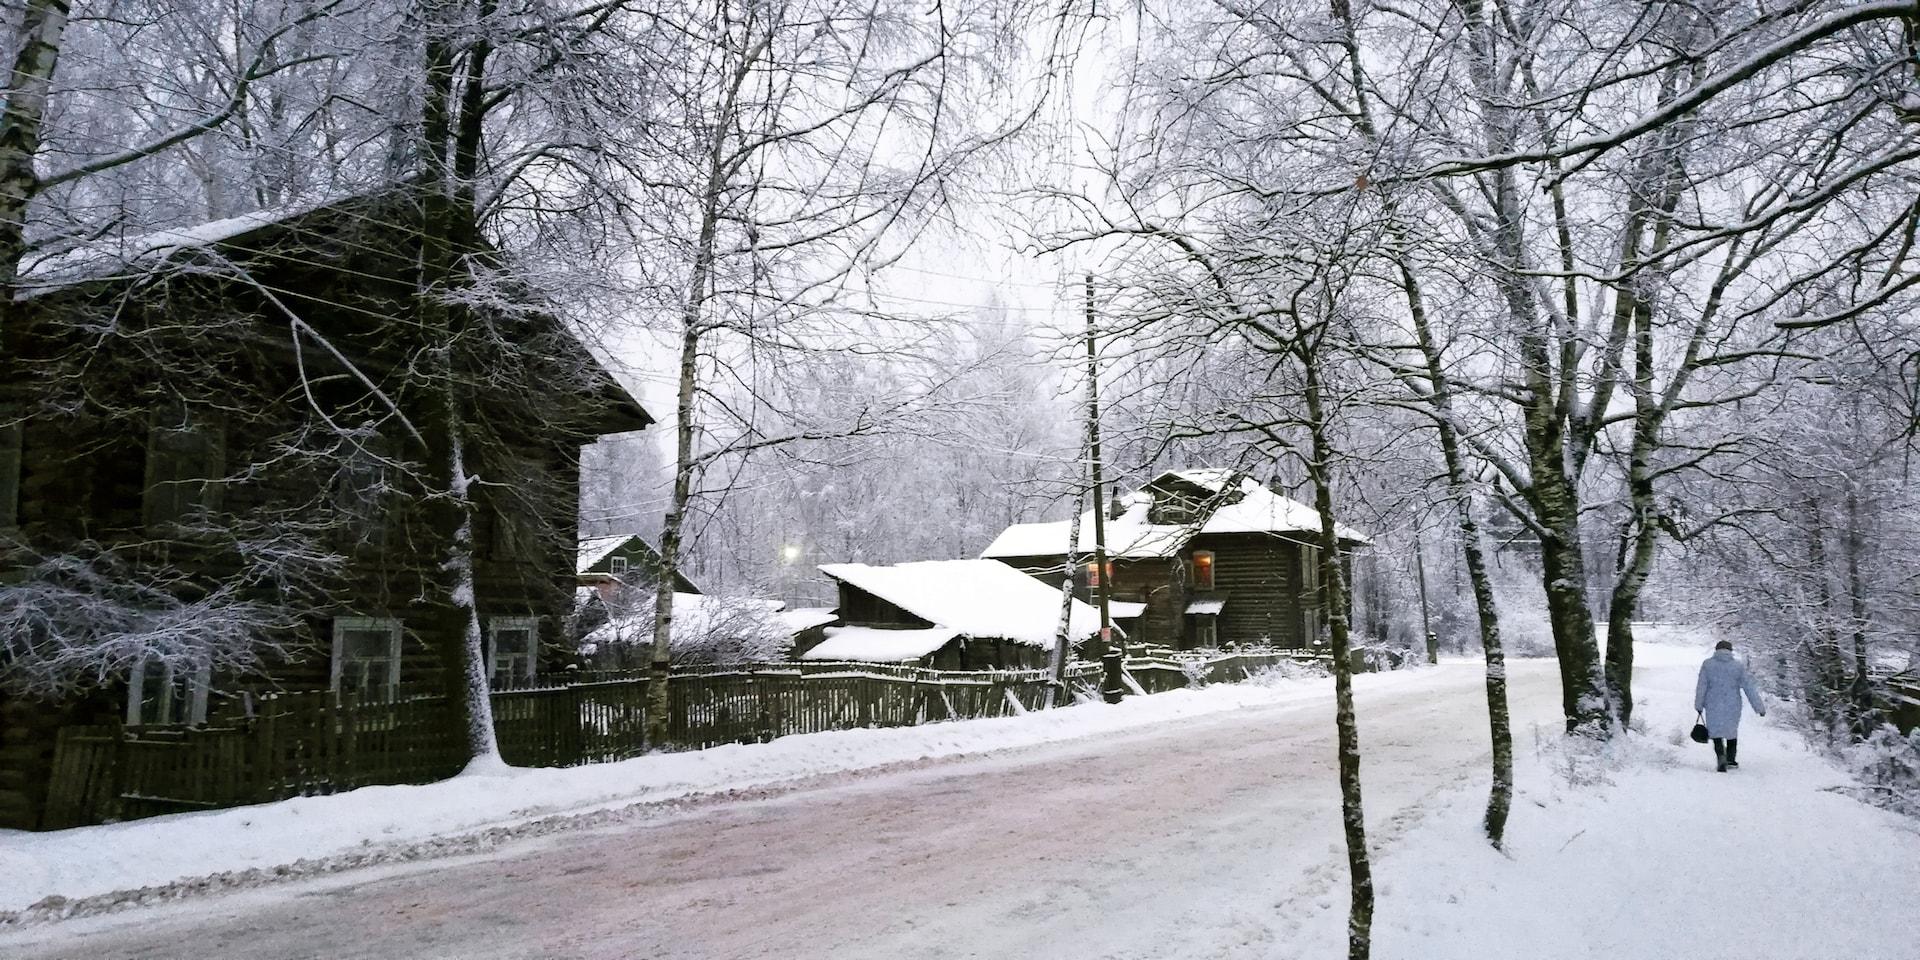 Снегопад в посёлке Максатиха 12 декабря 2018 года